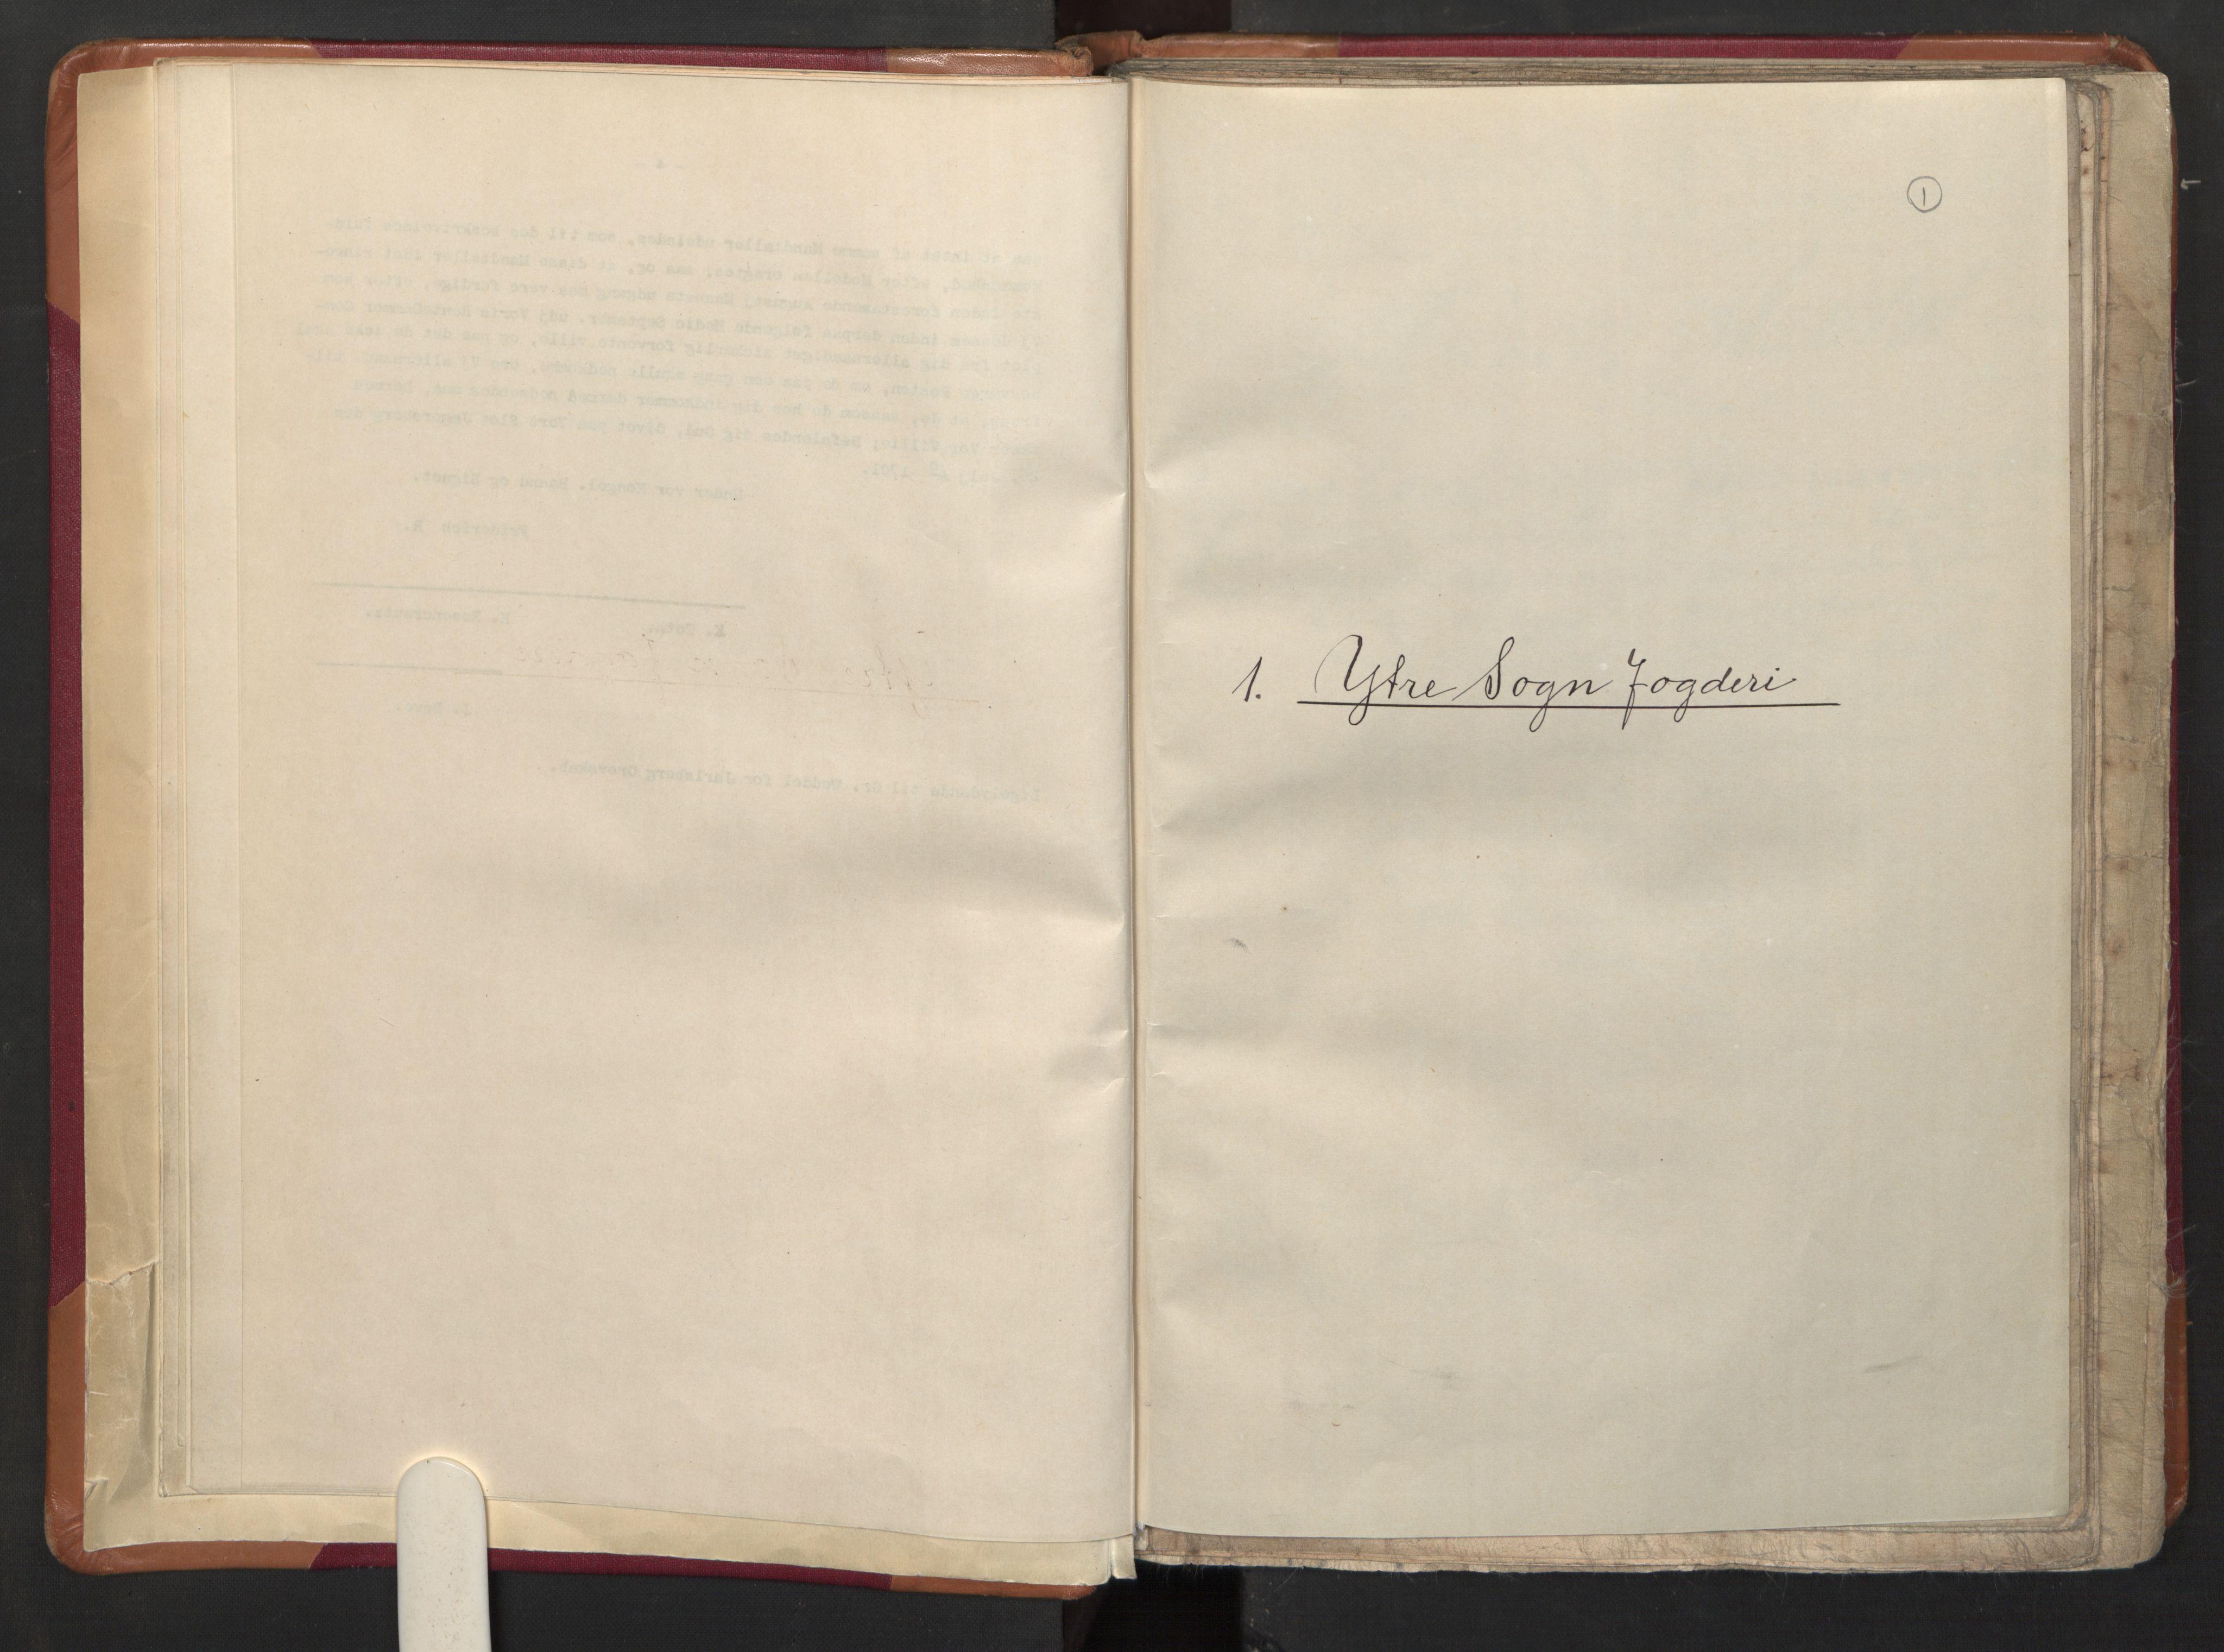 RA, Manntallet 1701, nr. 8: Ytre Sogn fogderi og Indre Sogn fogderi, 1701, s. 1